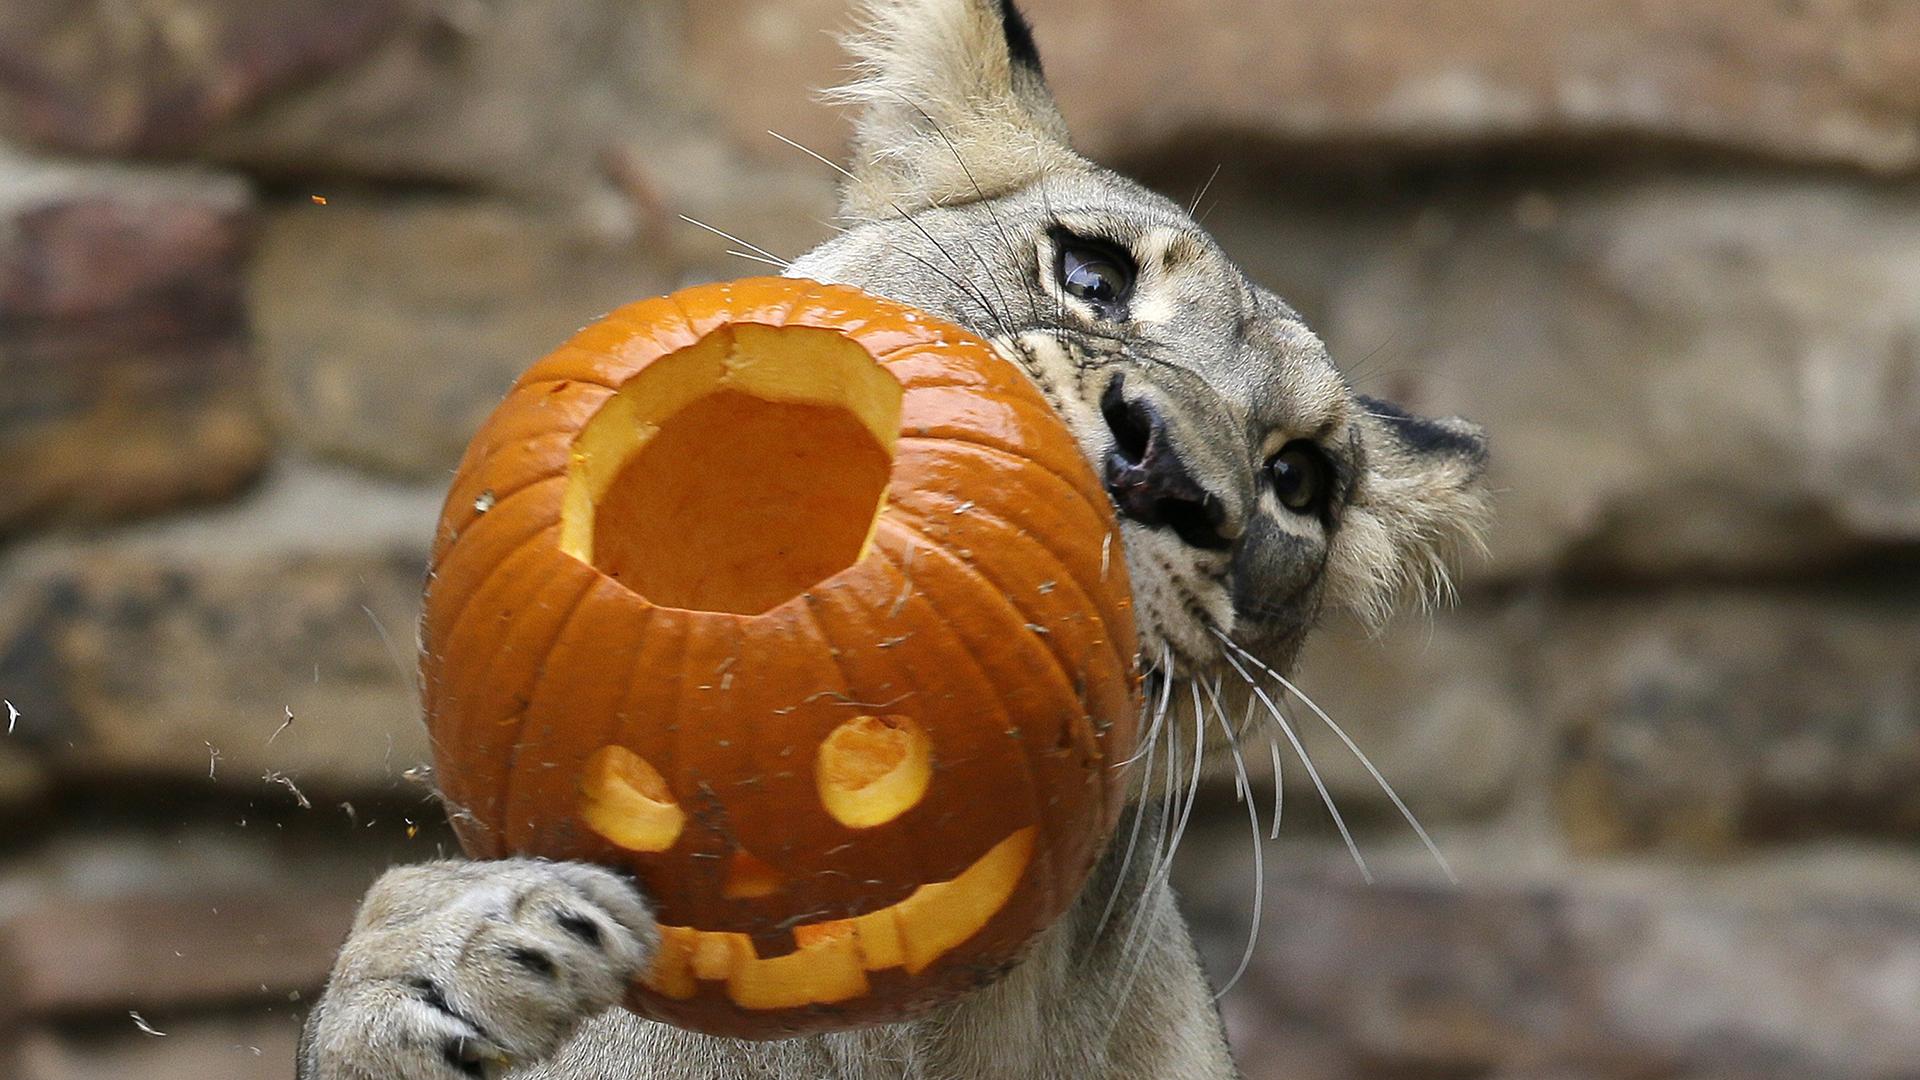 Октябрь картинки прикольные, фото приколы анекдоты